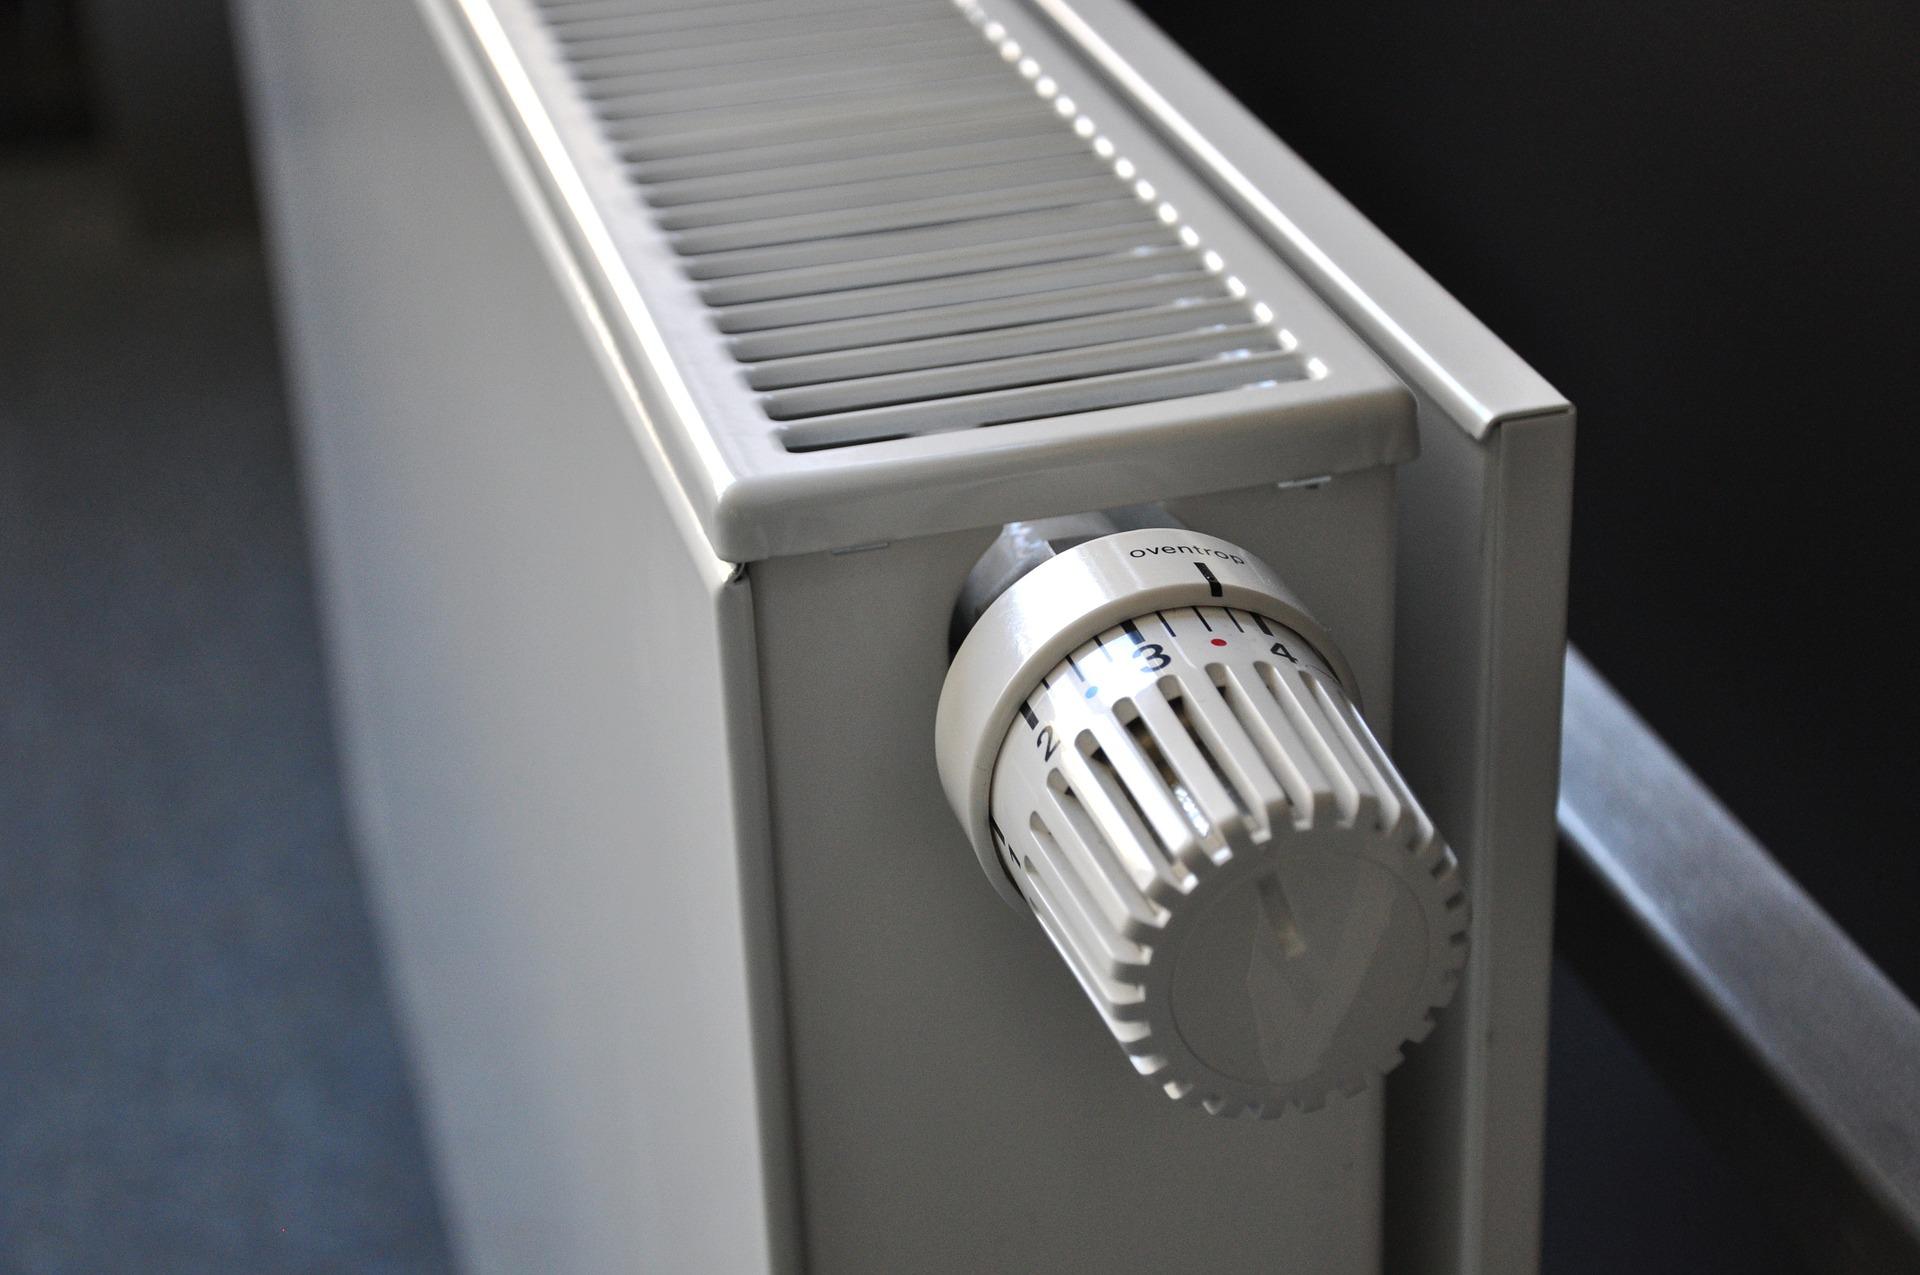 heizkosten-sparen-heizen-heizkoerper-entlueften-bautrocknung-duregger-luftfeuchtigkeit-lueften-bautrockner-mieten-muenchen-aufheizen